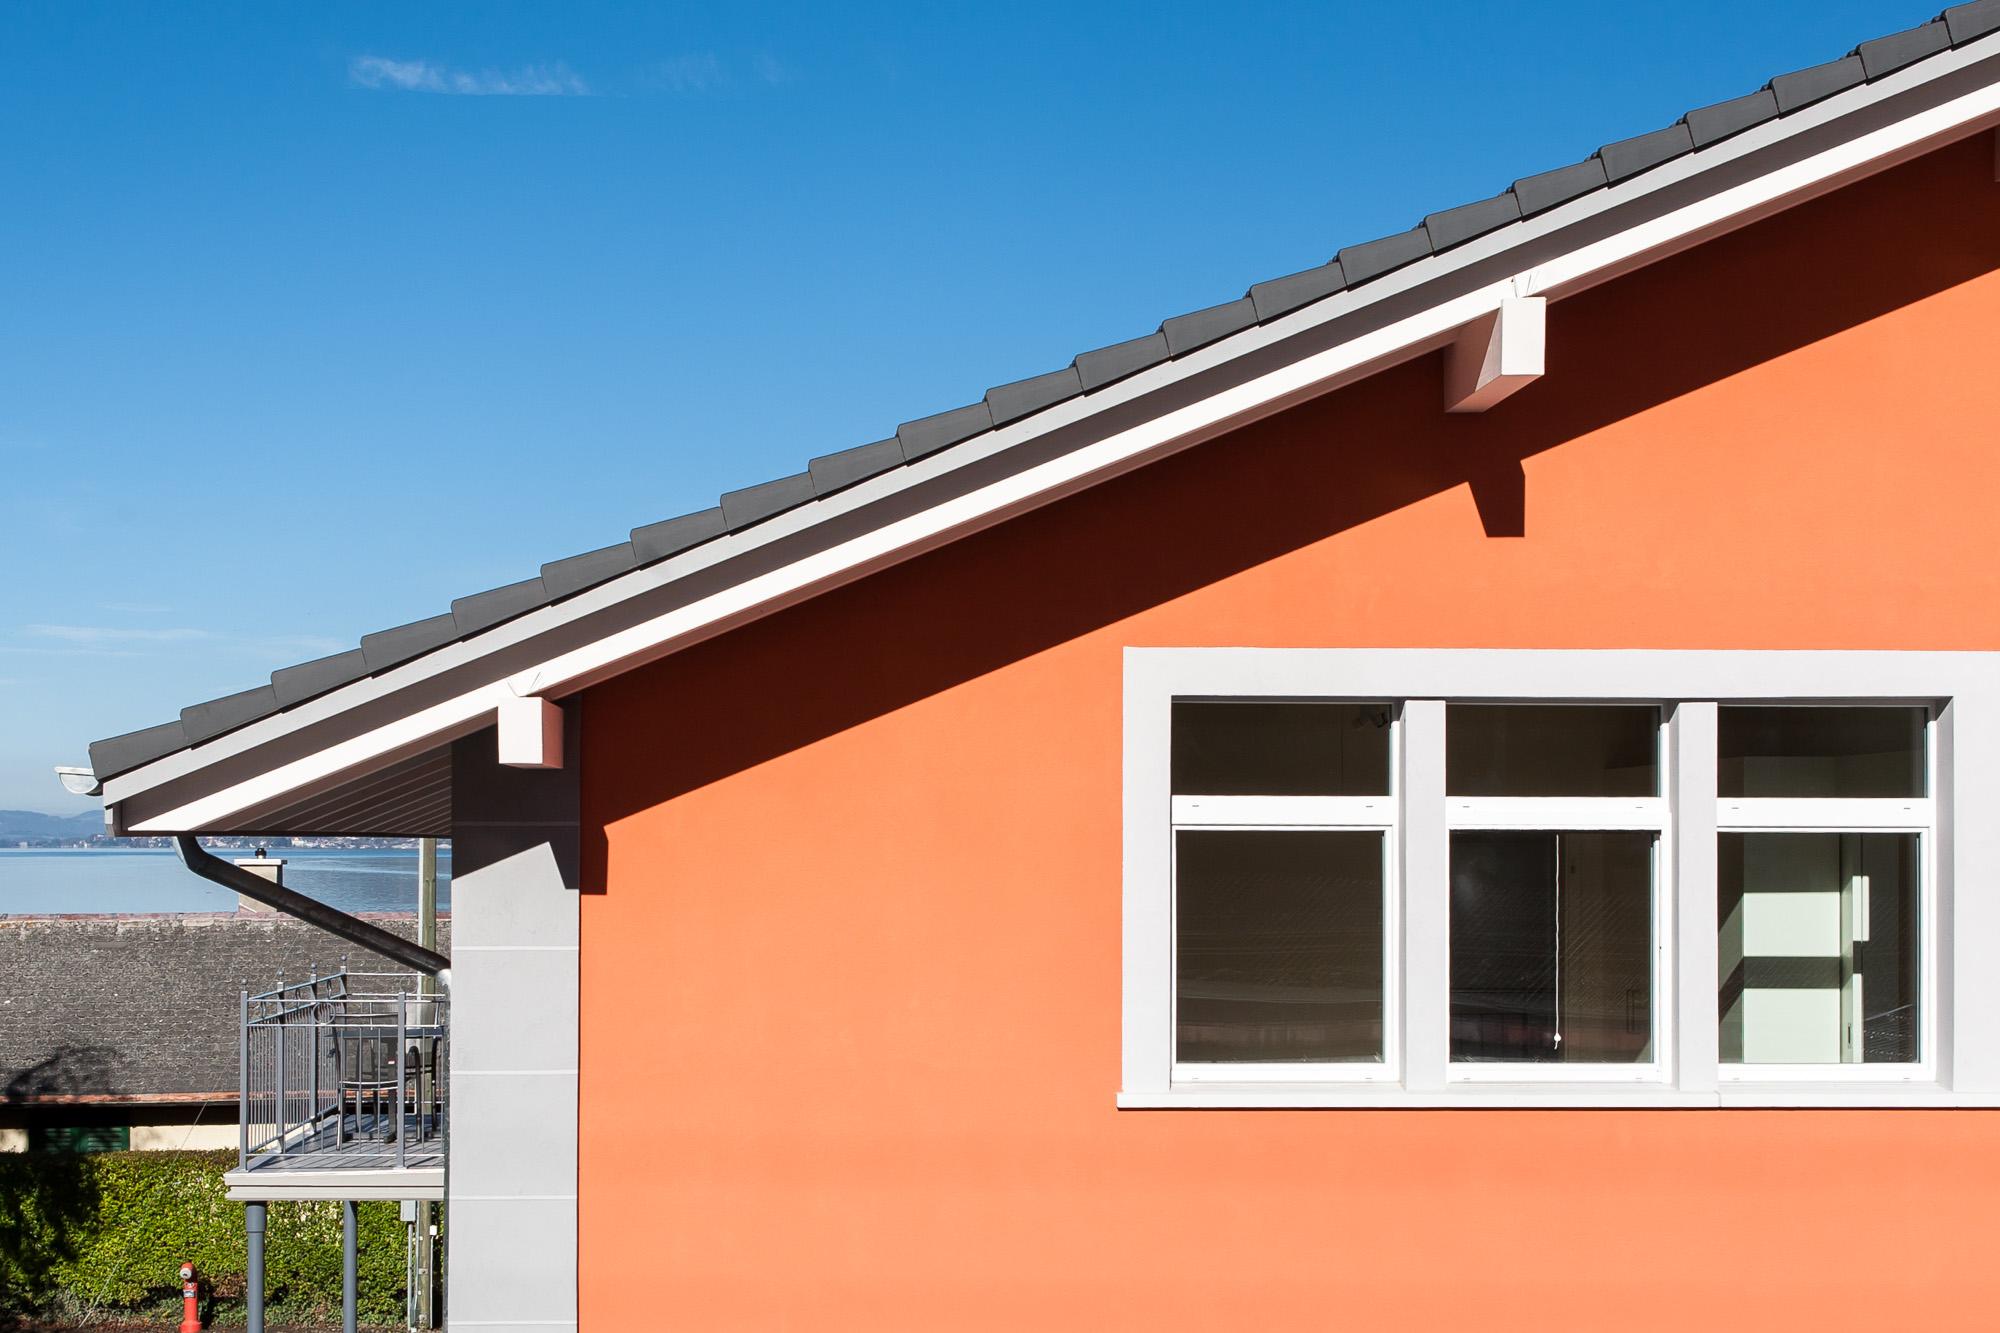 Bei Umnutzung / Umgestaltung der alten Fabrik in Leissigen zu einem Mehrfamilienhaus konnte die MerzGips AG Fassadenbau und Gipserarbeiten ausführen.